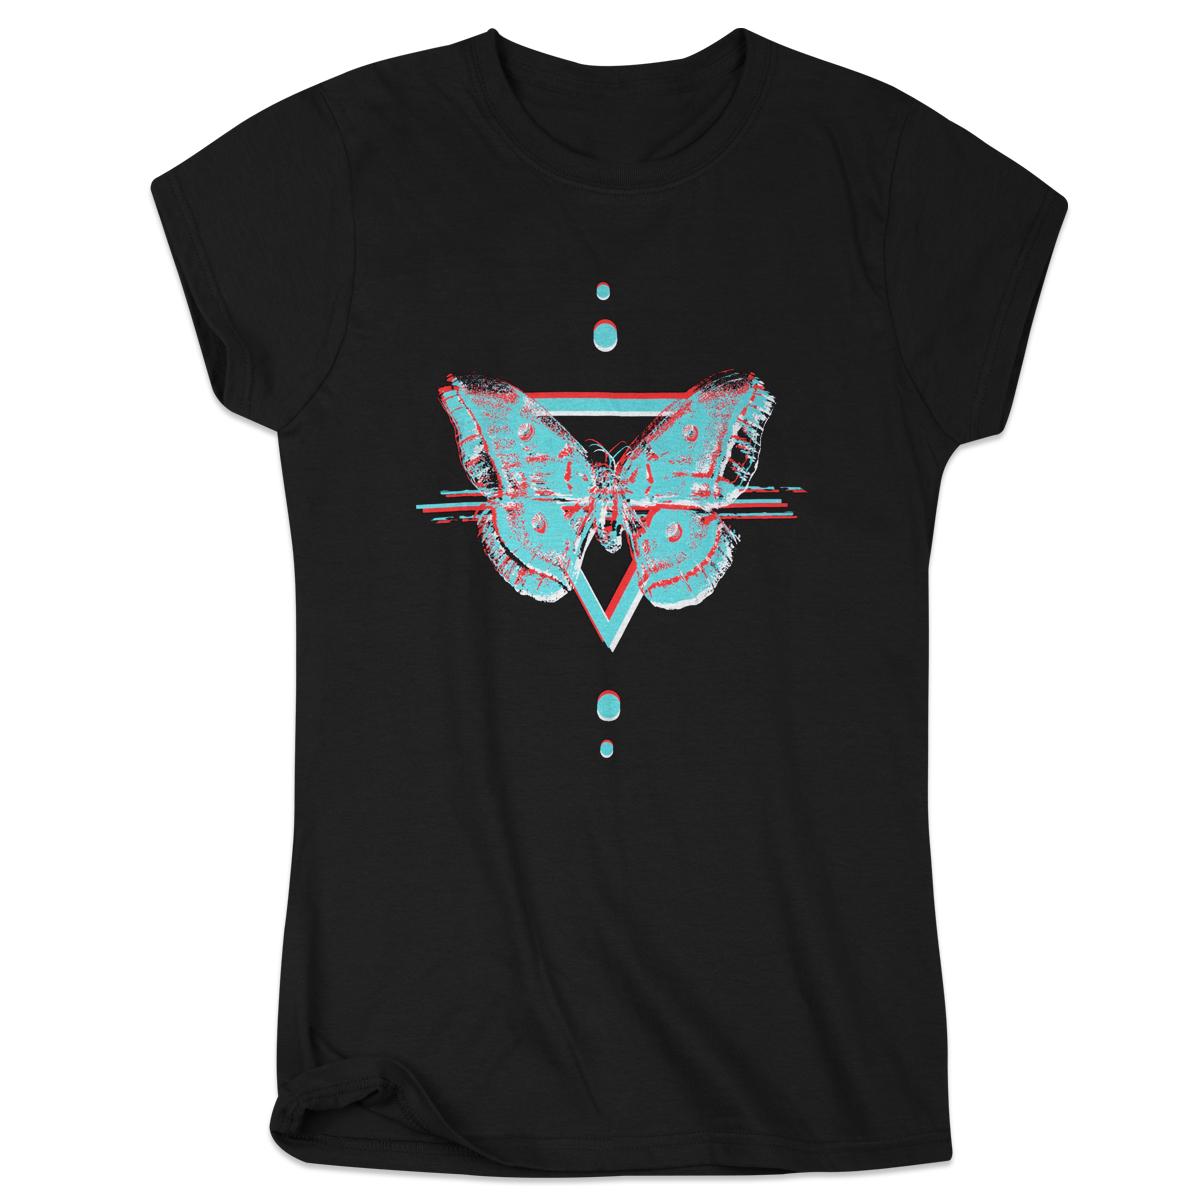 Bassnectar Into The Sun Women's T-Shirt